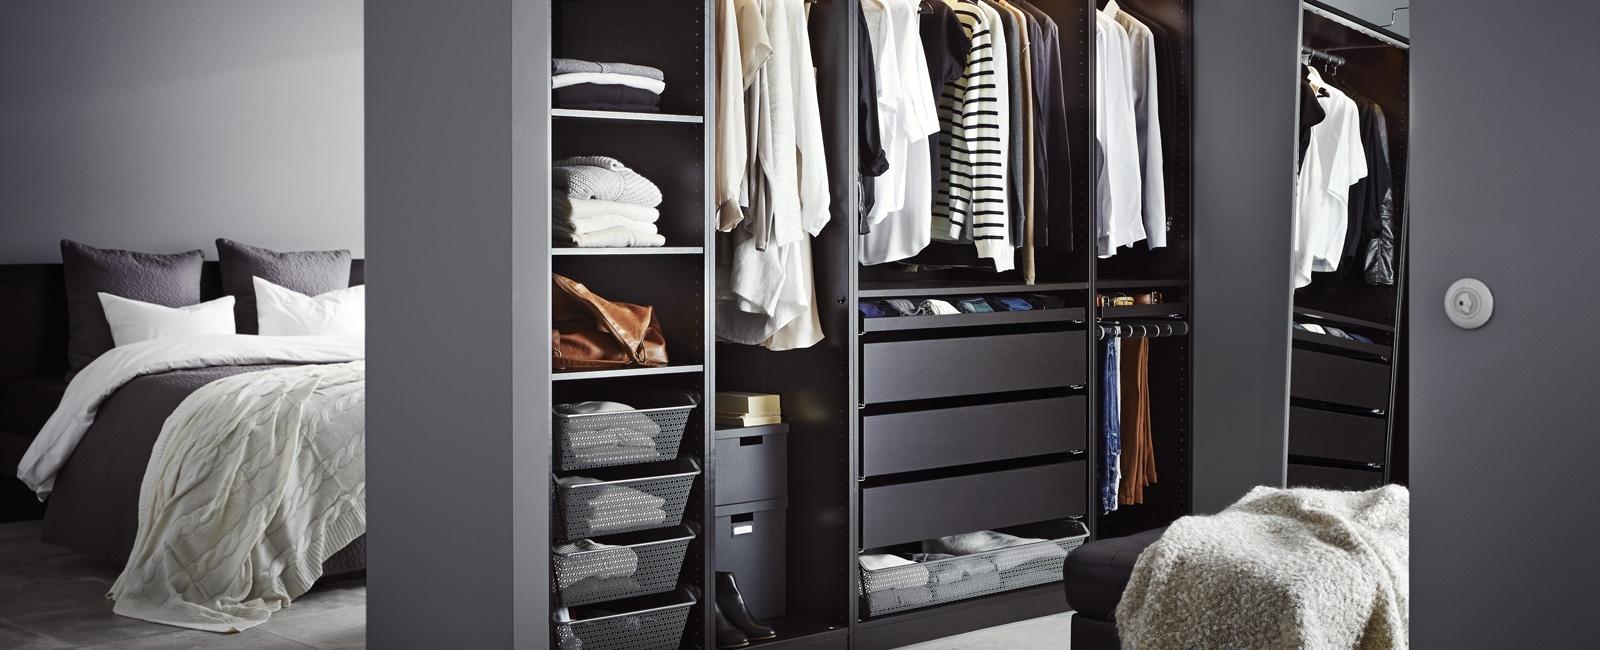 Dressing : comment créer son dressing dans un espace réduit ?